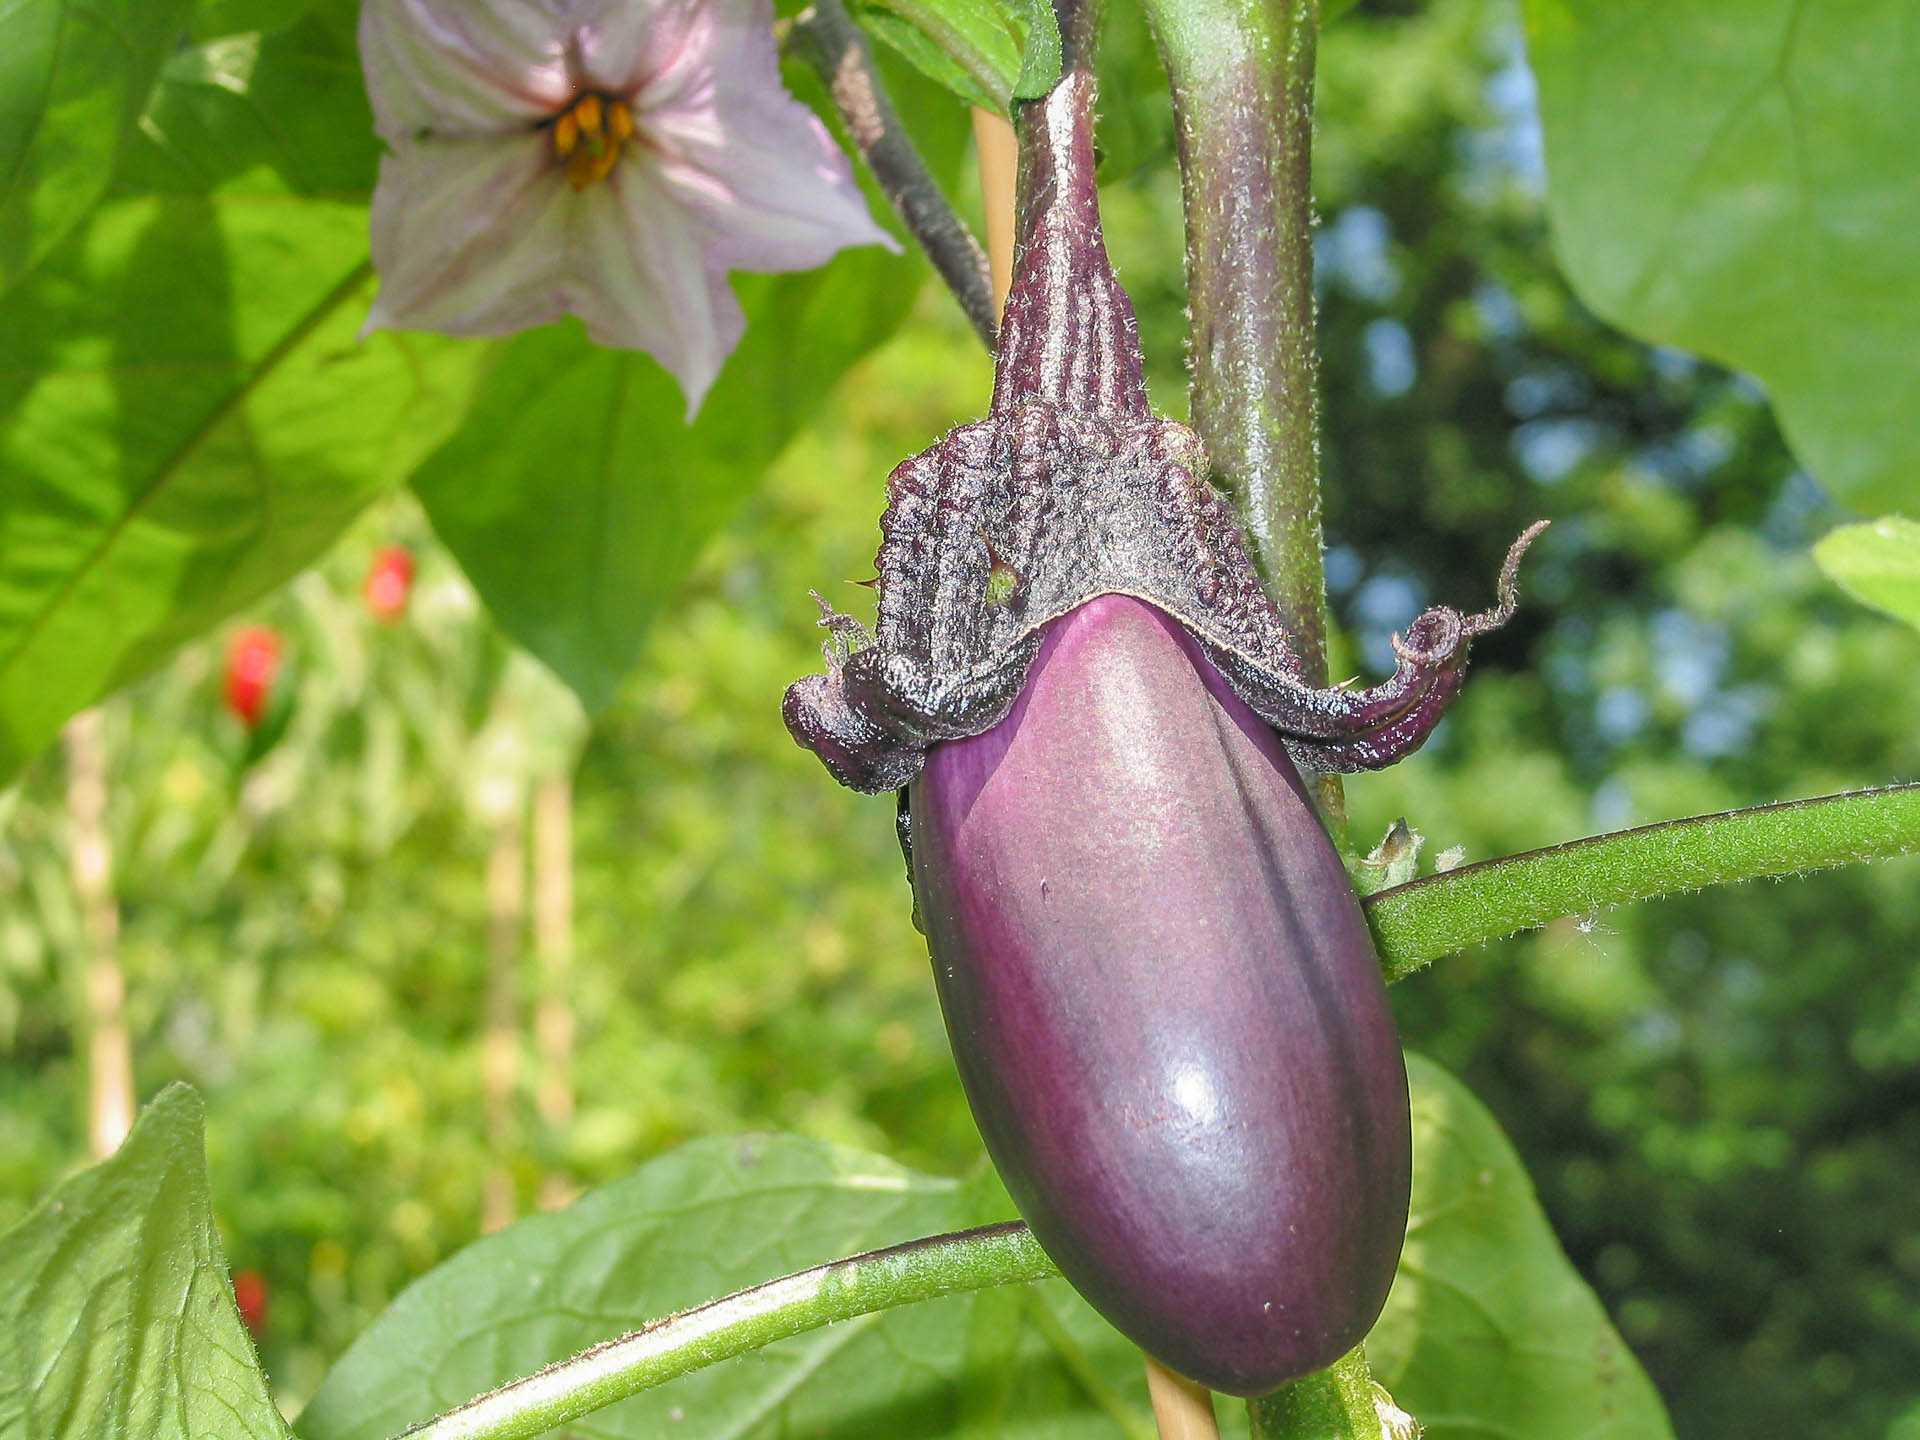 Solanum-melongena